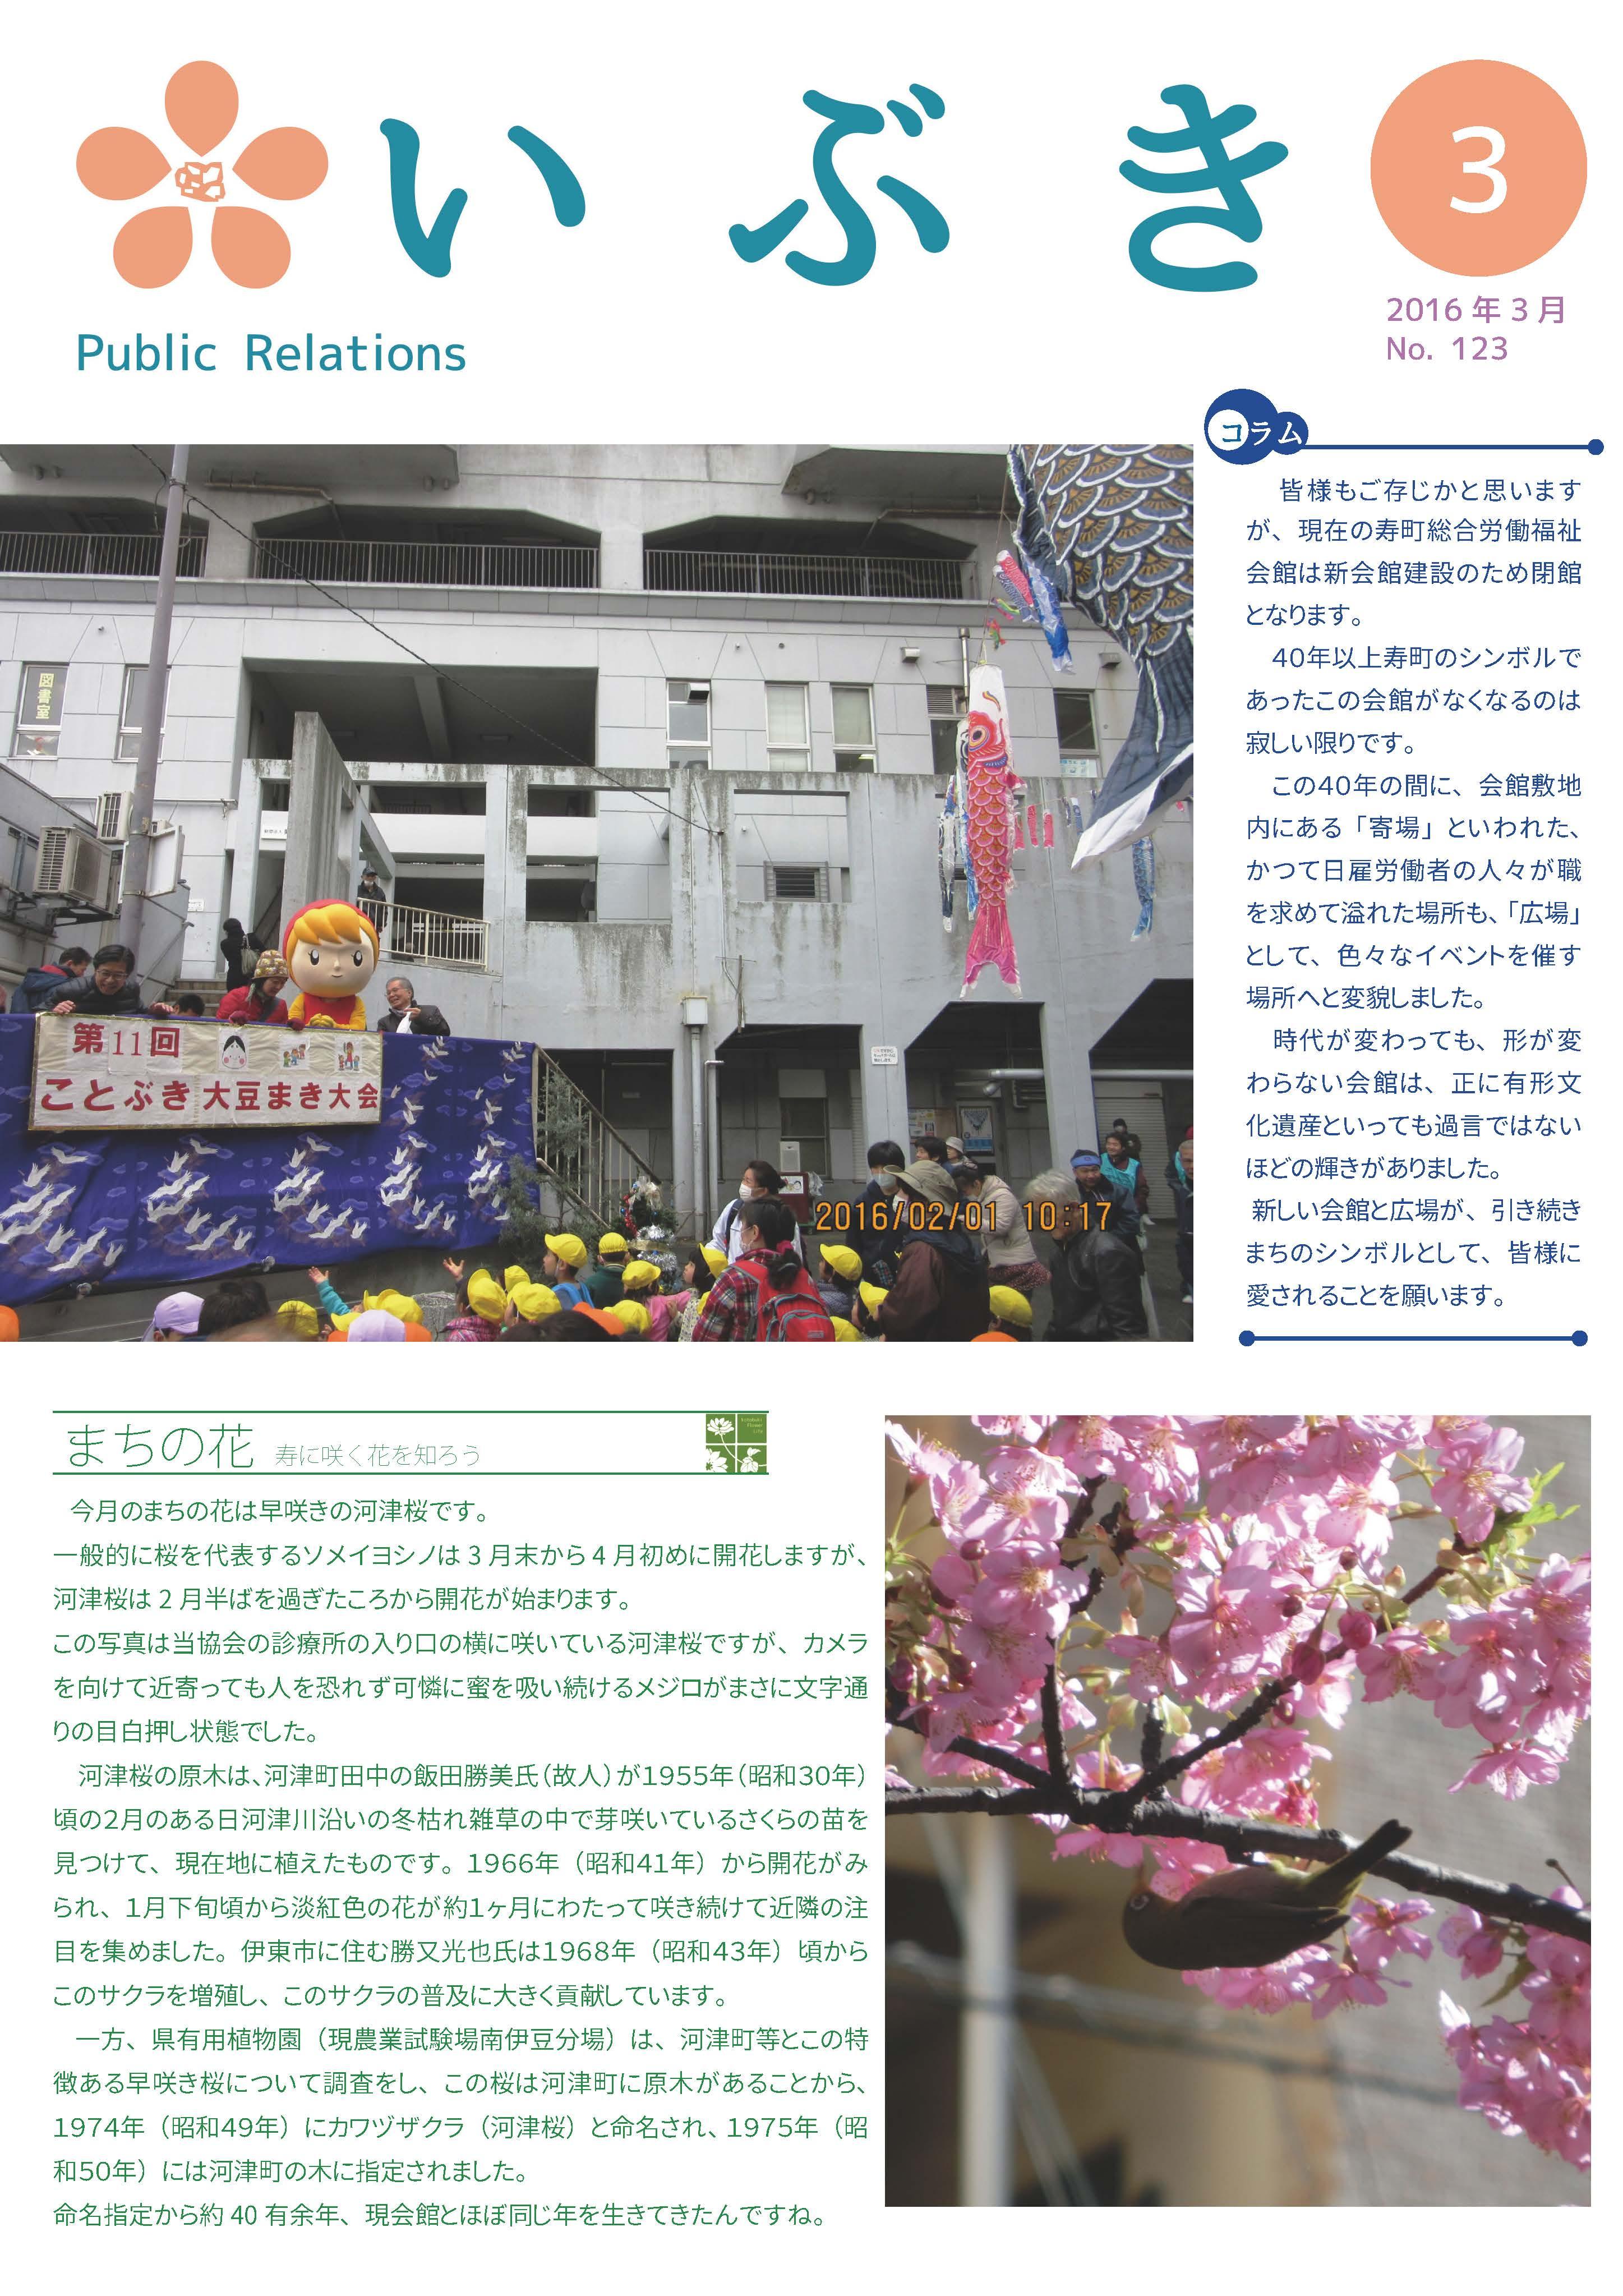 広報紙いぶき2016年3月号(No.123)